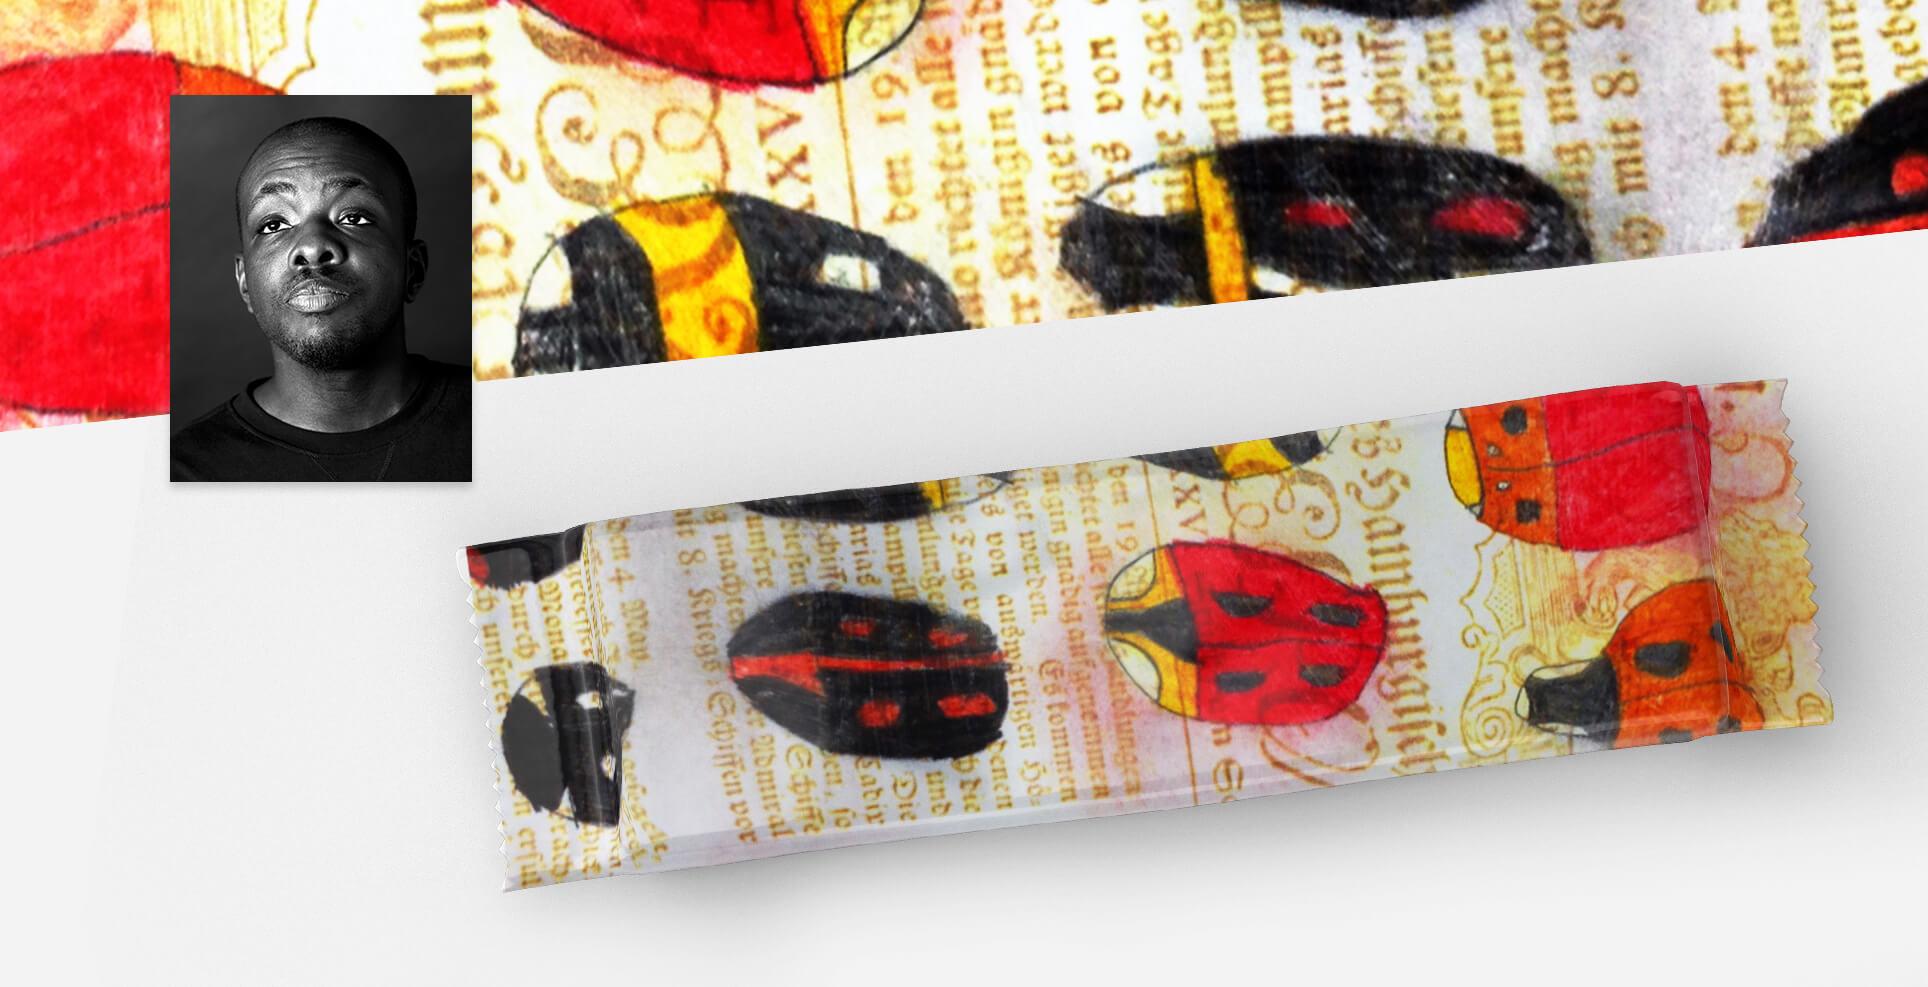 Käfer von Davis Ndombasi